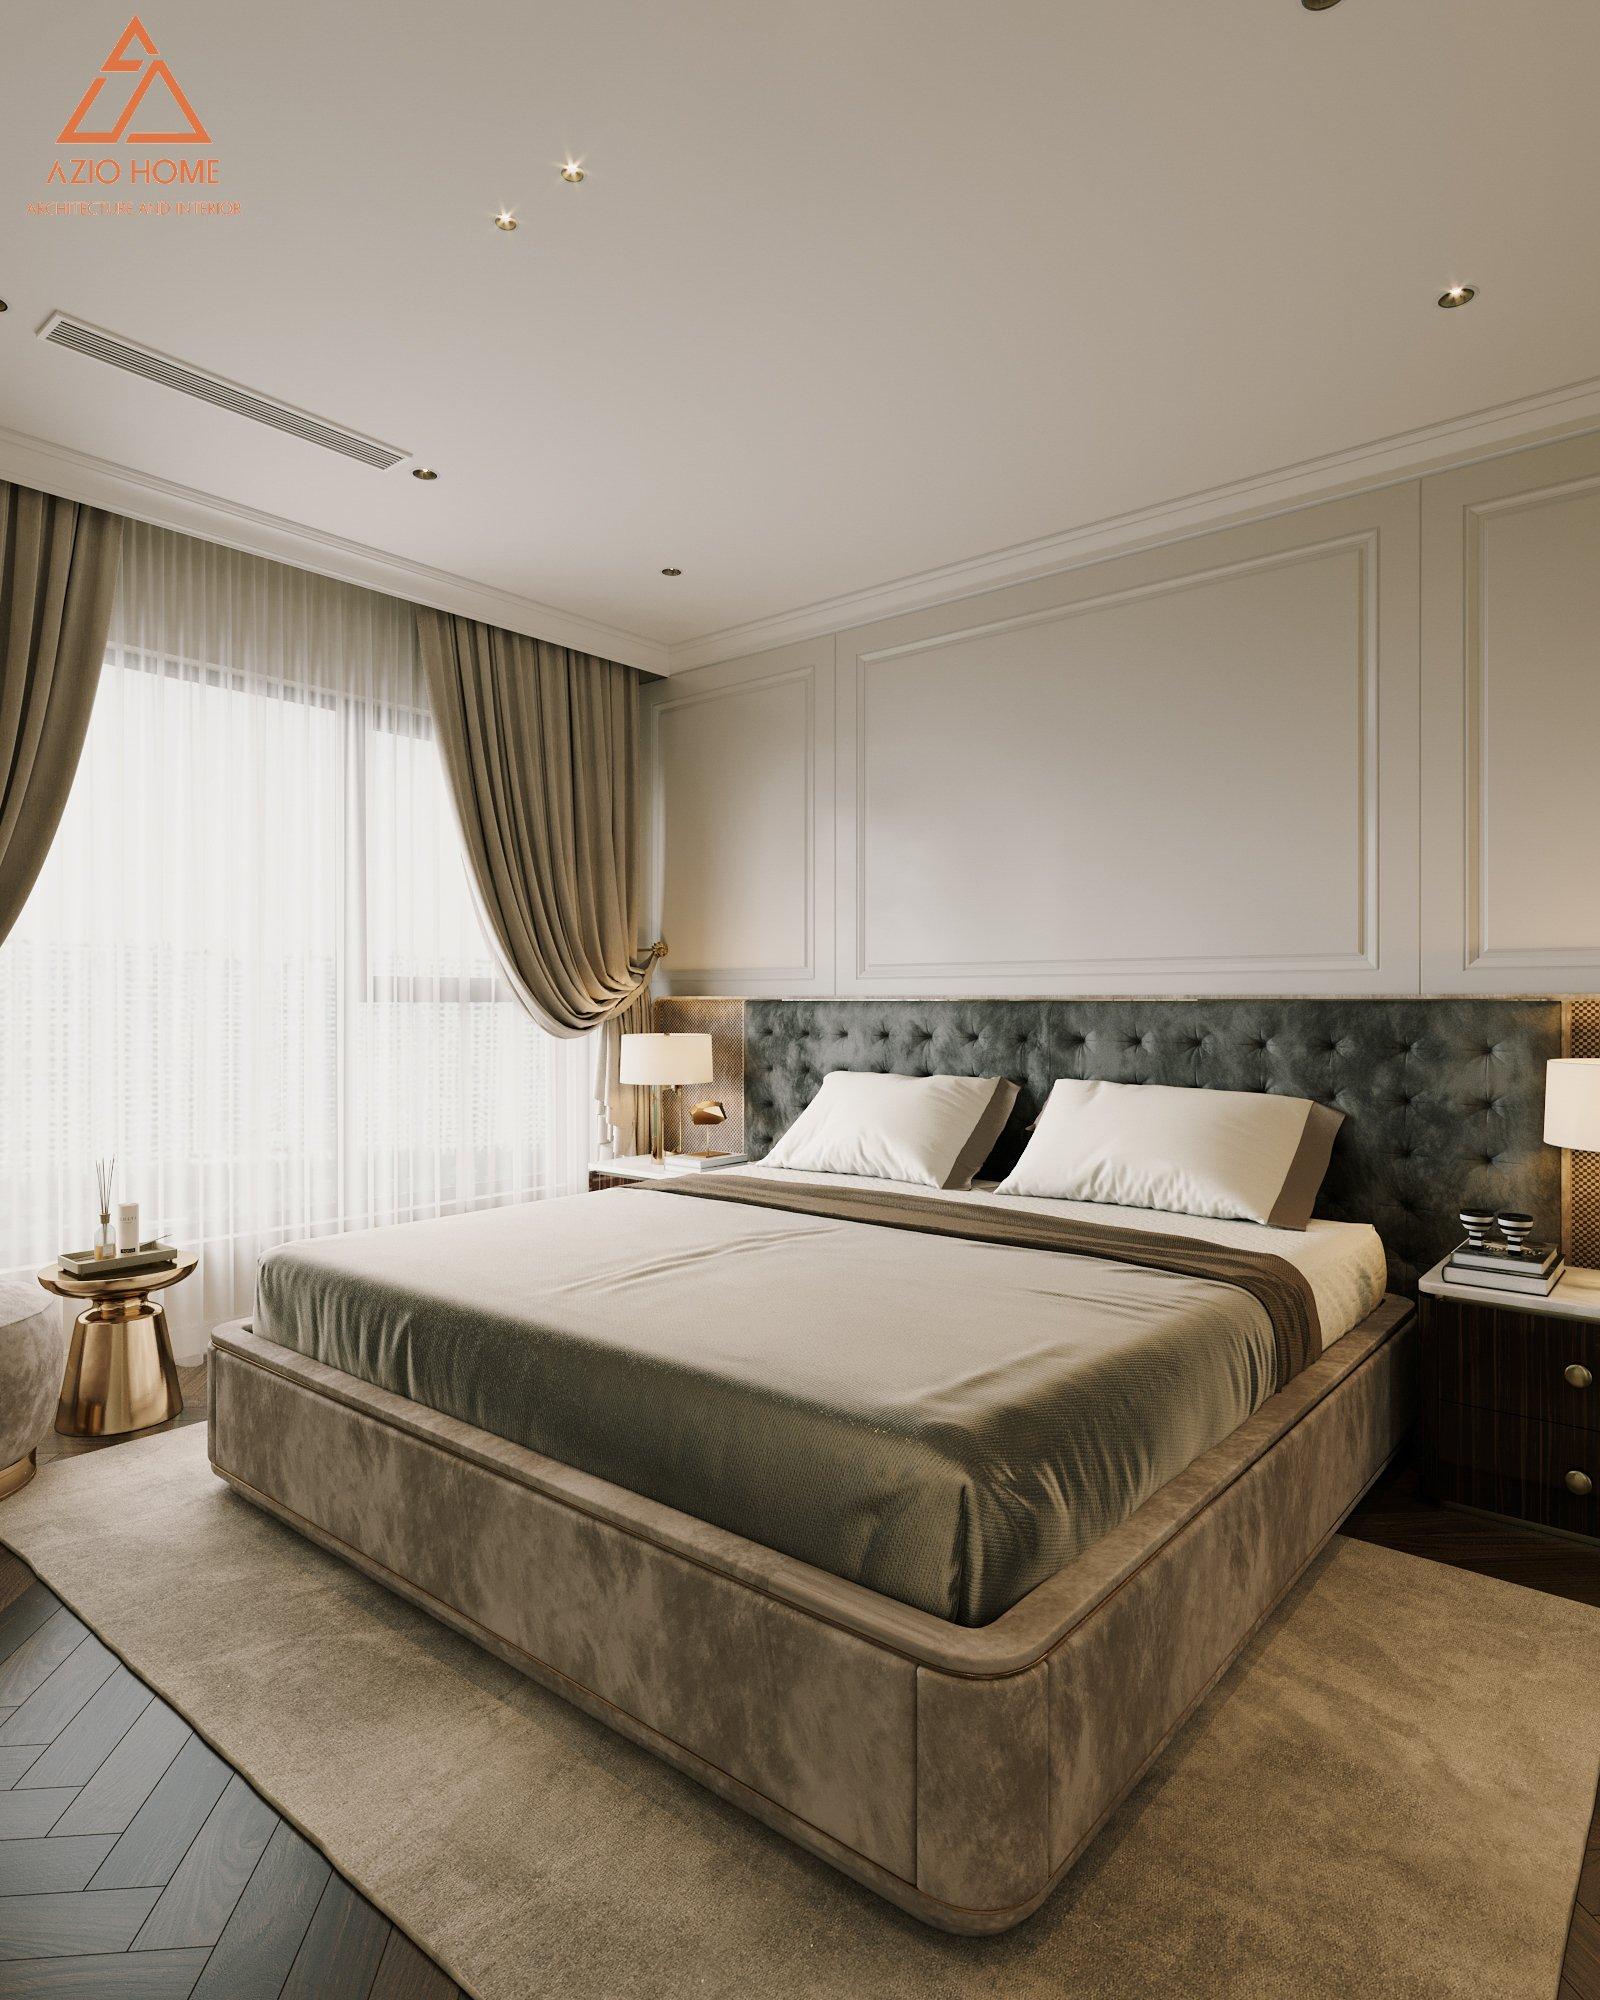 Thiết kế căn hộ Vinhomes 4 phòng ngủ, dự án Westpoint, Hà Nội